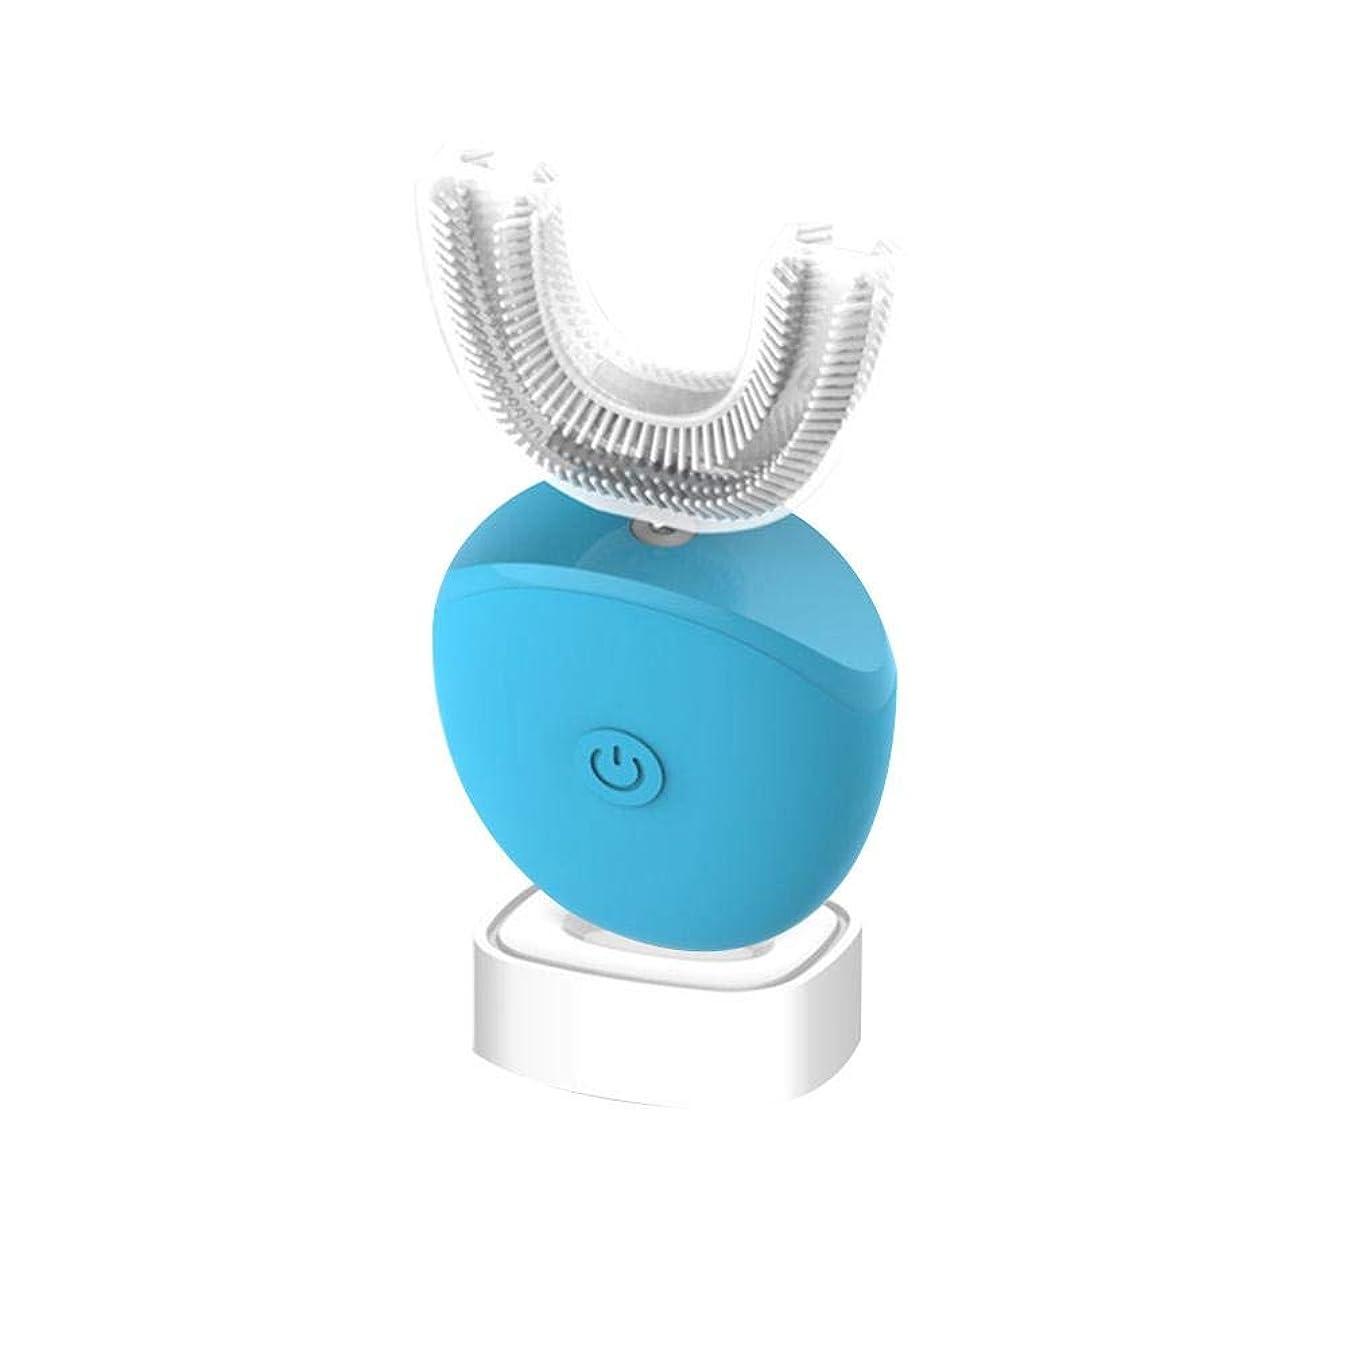 尊敬する攻撃赤字フルオートマチック可変周波数電動歯ブラシ、自動360度U字型電動歯ブラシ、ワイヤレス充電IPX7防水自動歯ブラシ(大人用),Blue